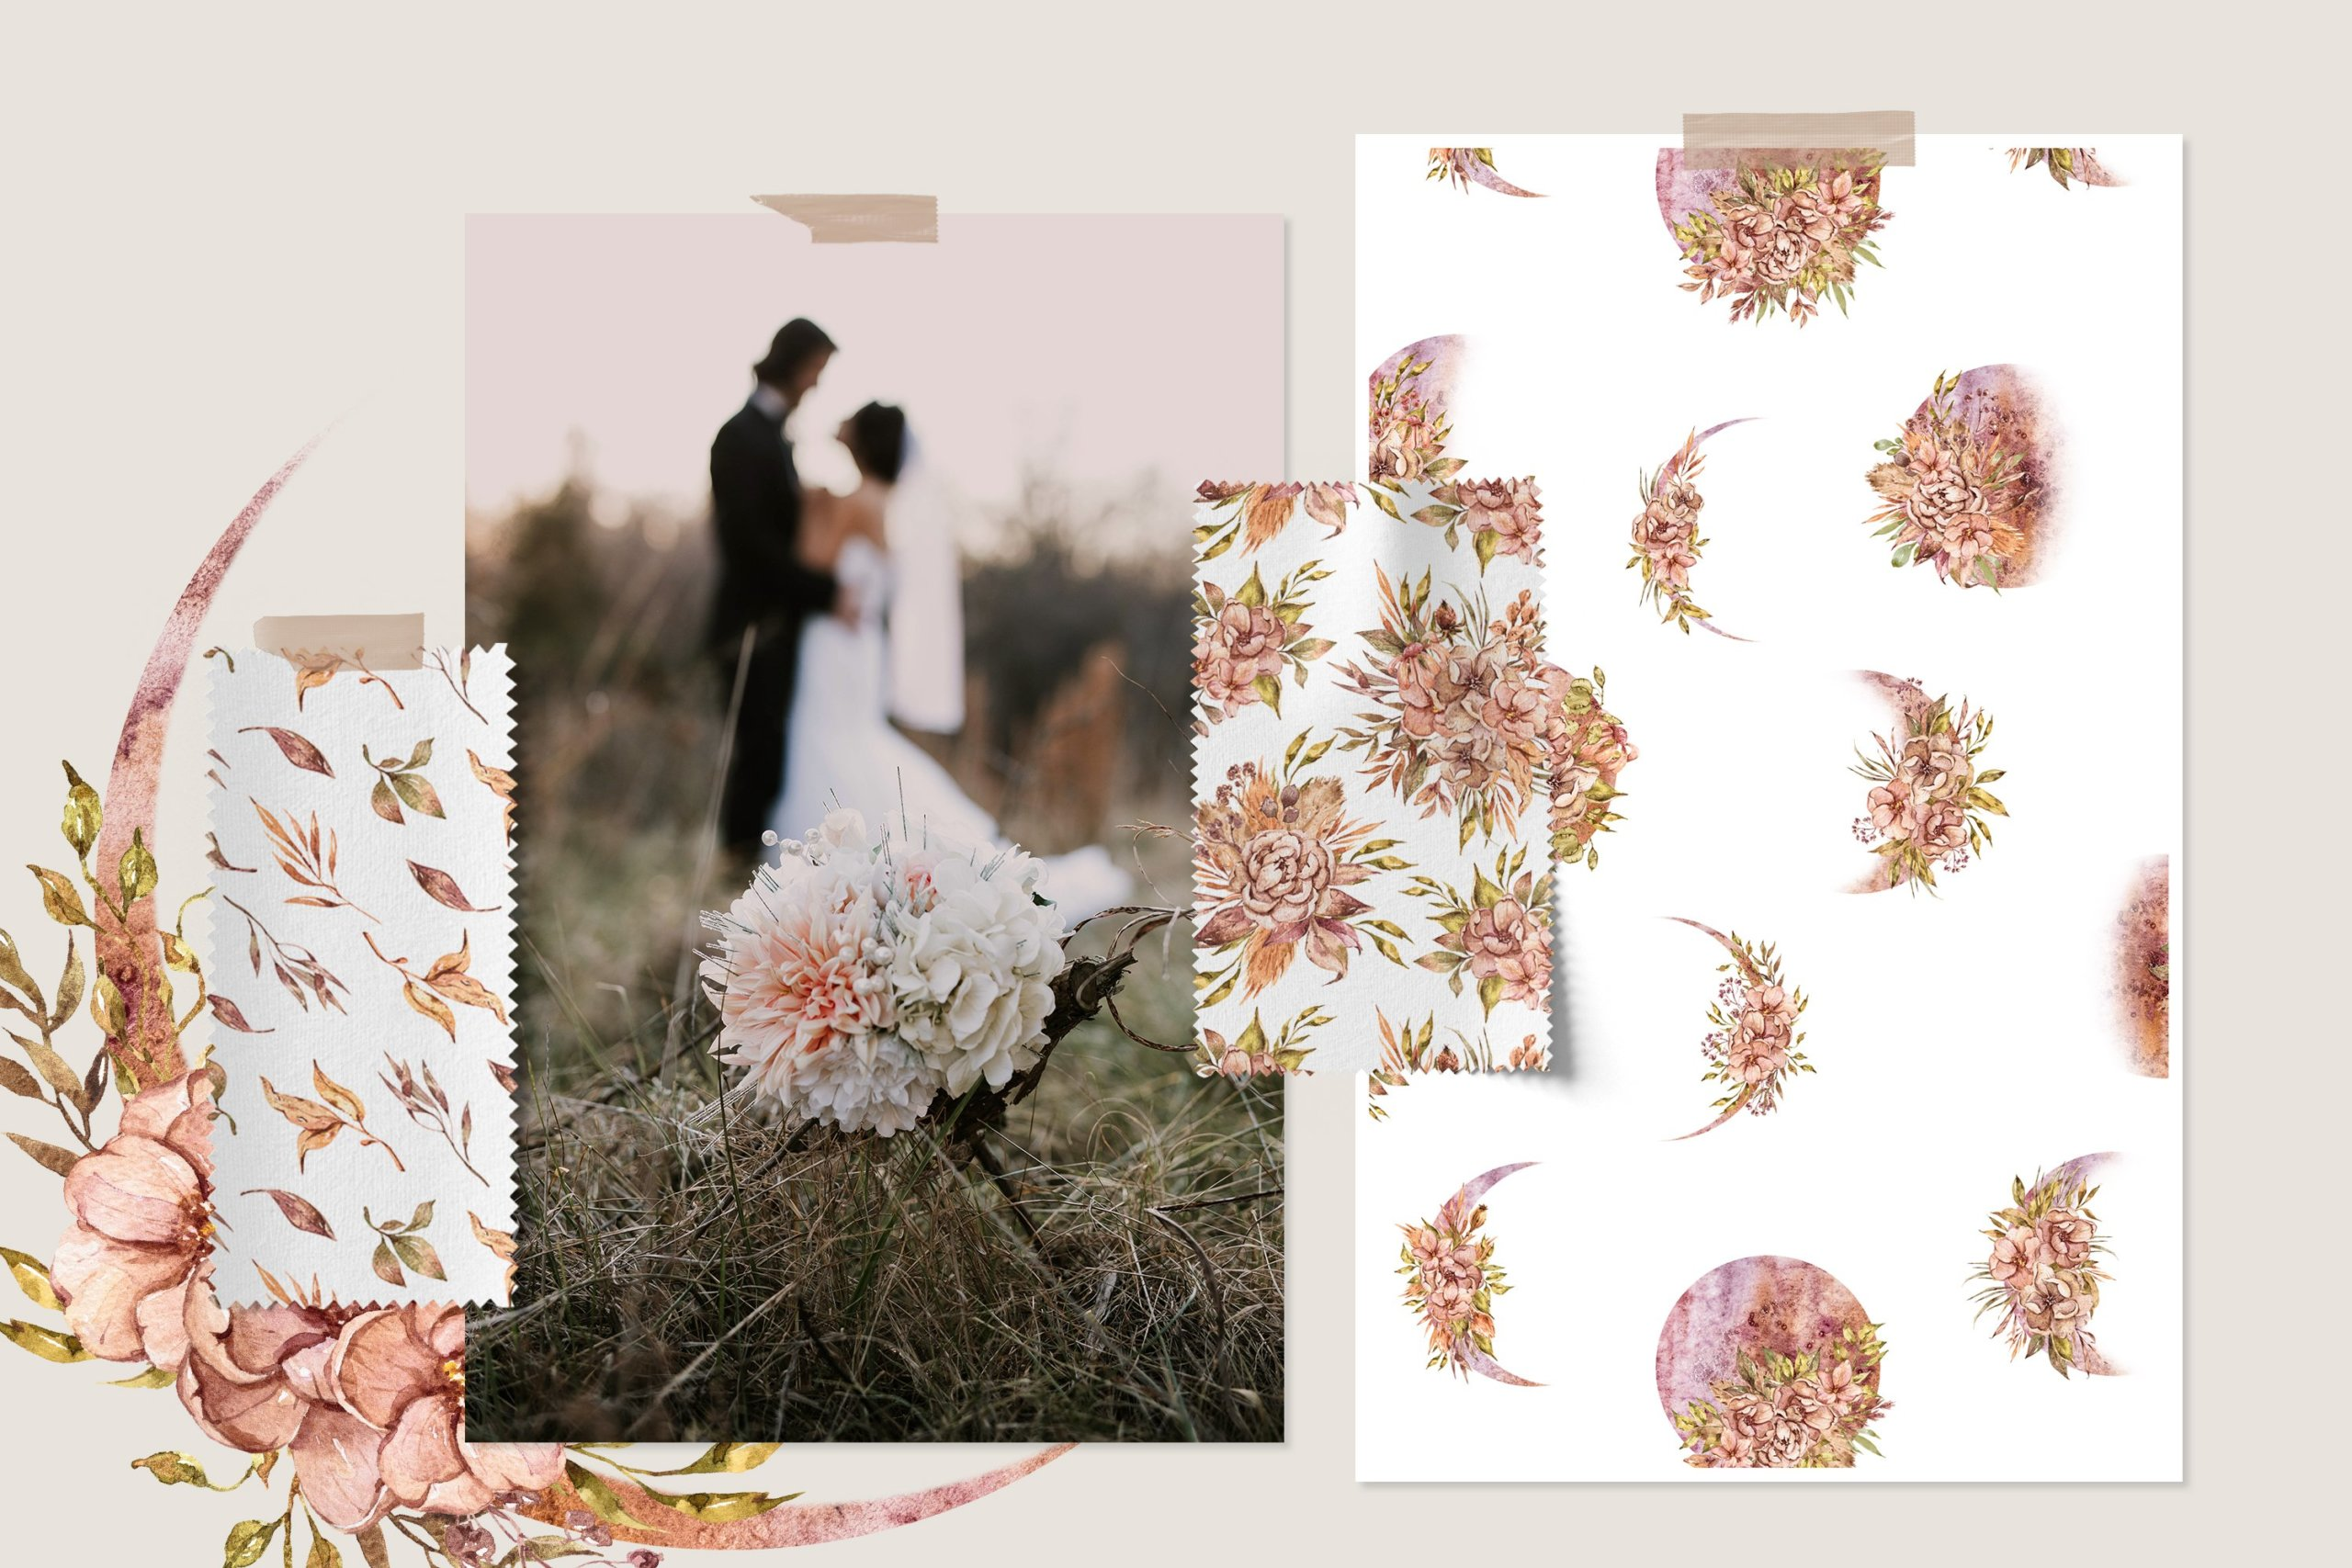 15款高清花卉字母手绘水彩插图图片设计素材 Watercolor Floral Seamless Patterns插图3